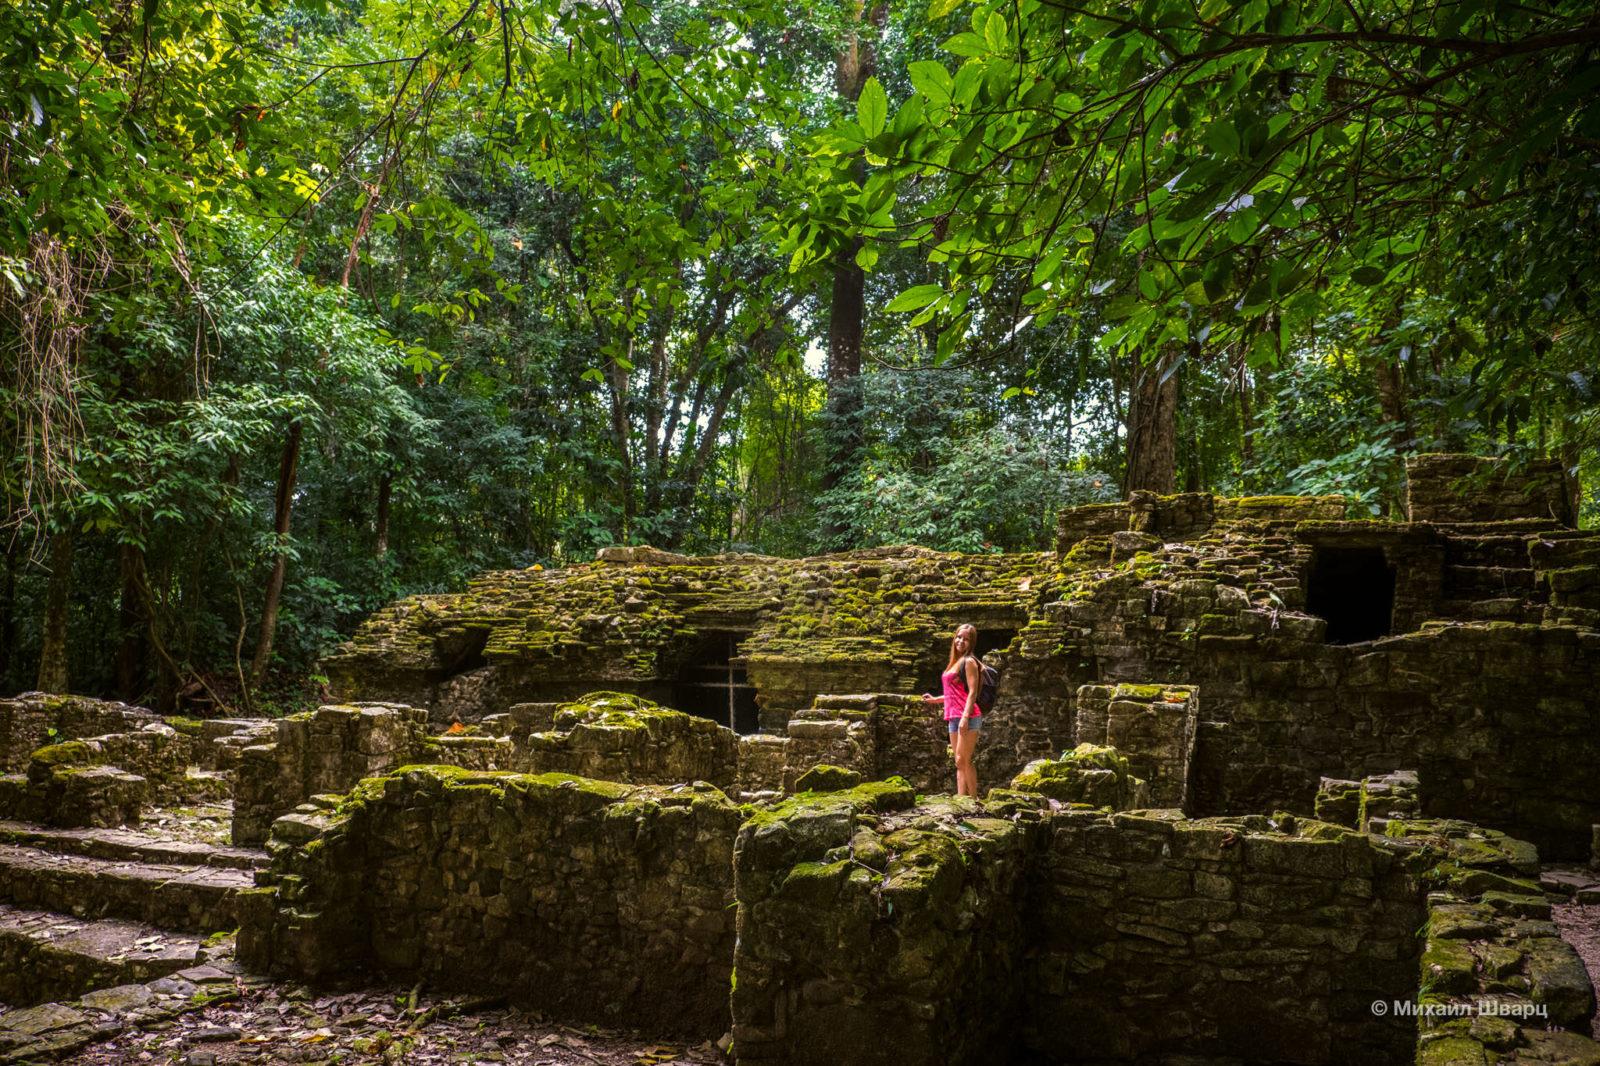 Развалины в лесу